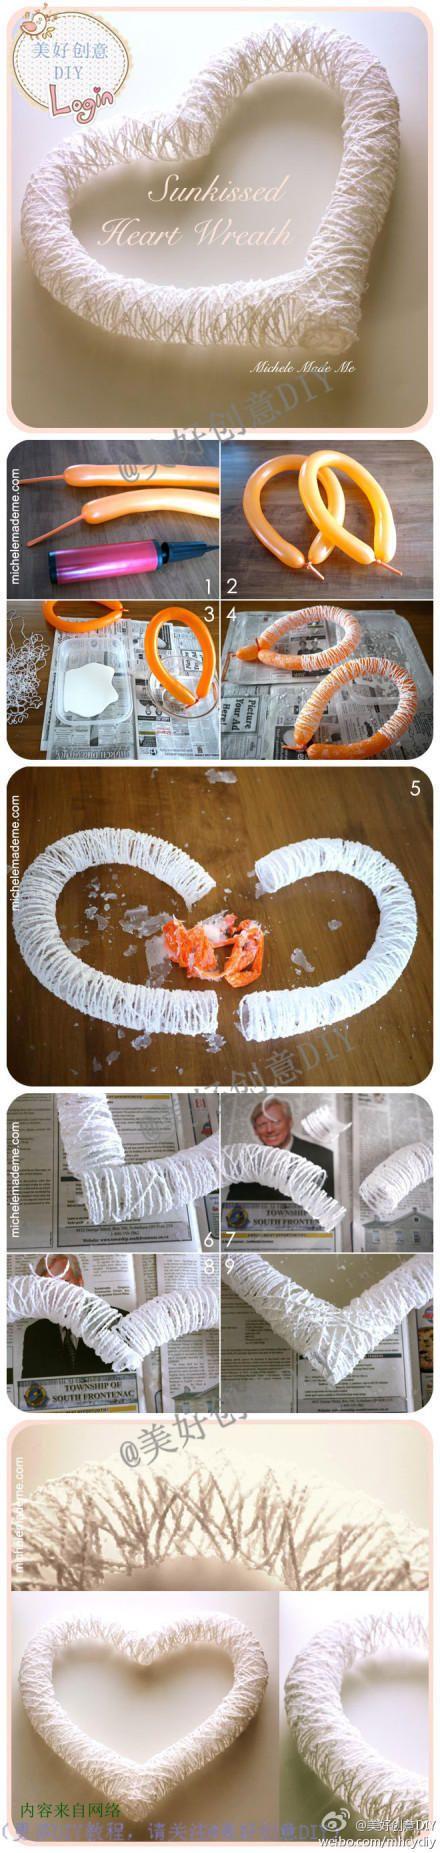 tip directioner: cortar un pedazo de cartón del tamaño del corazón colocarlo atrás y pegar imágenes de one direction